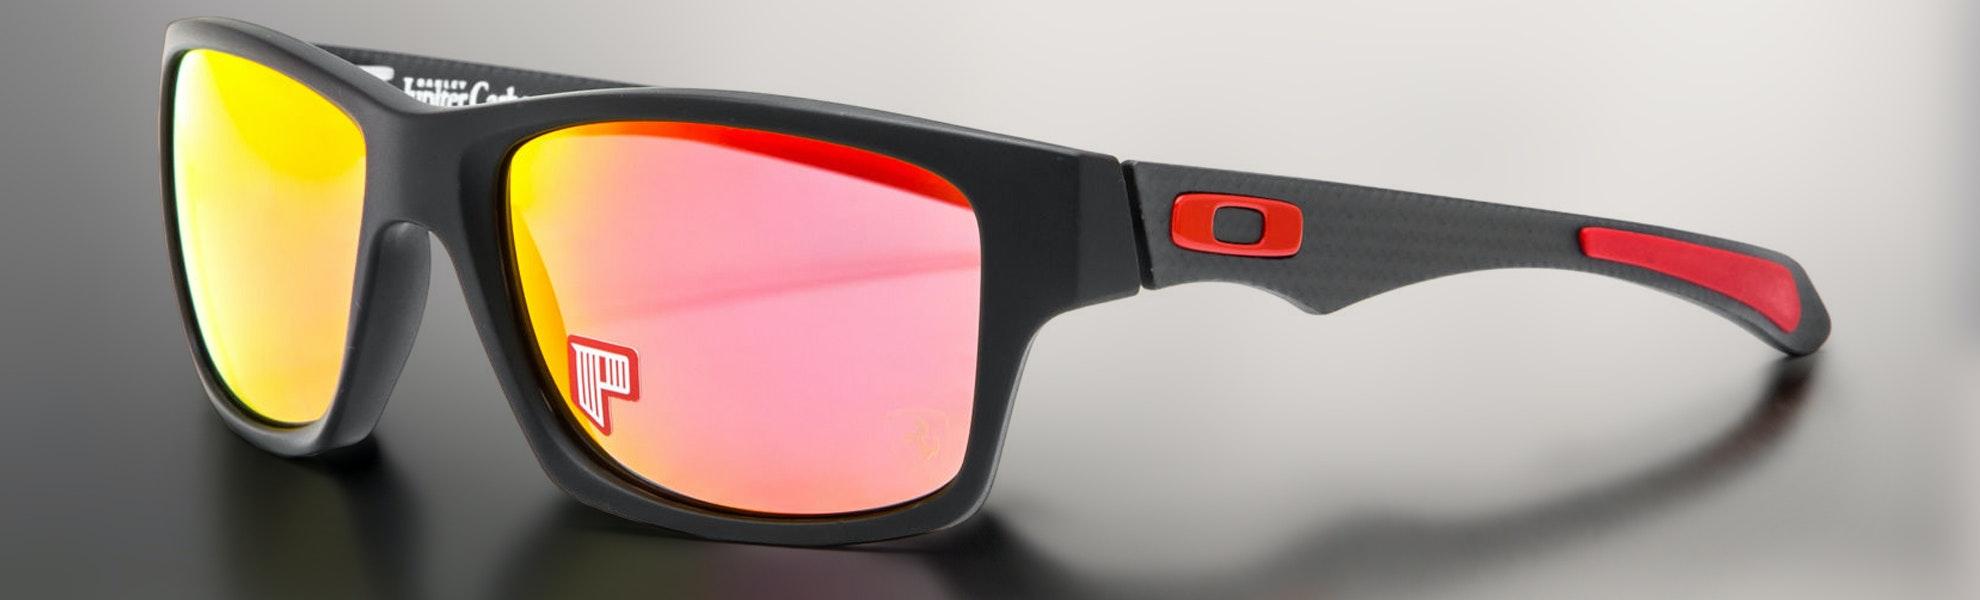 oakley sunglasses lowest price  Oakley Jupiter Carbon Polarized Ferrari Sunglasses - Lowest Price ...